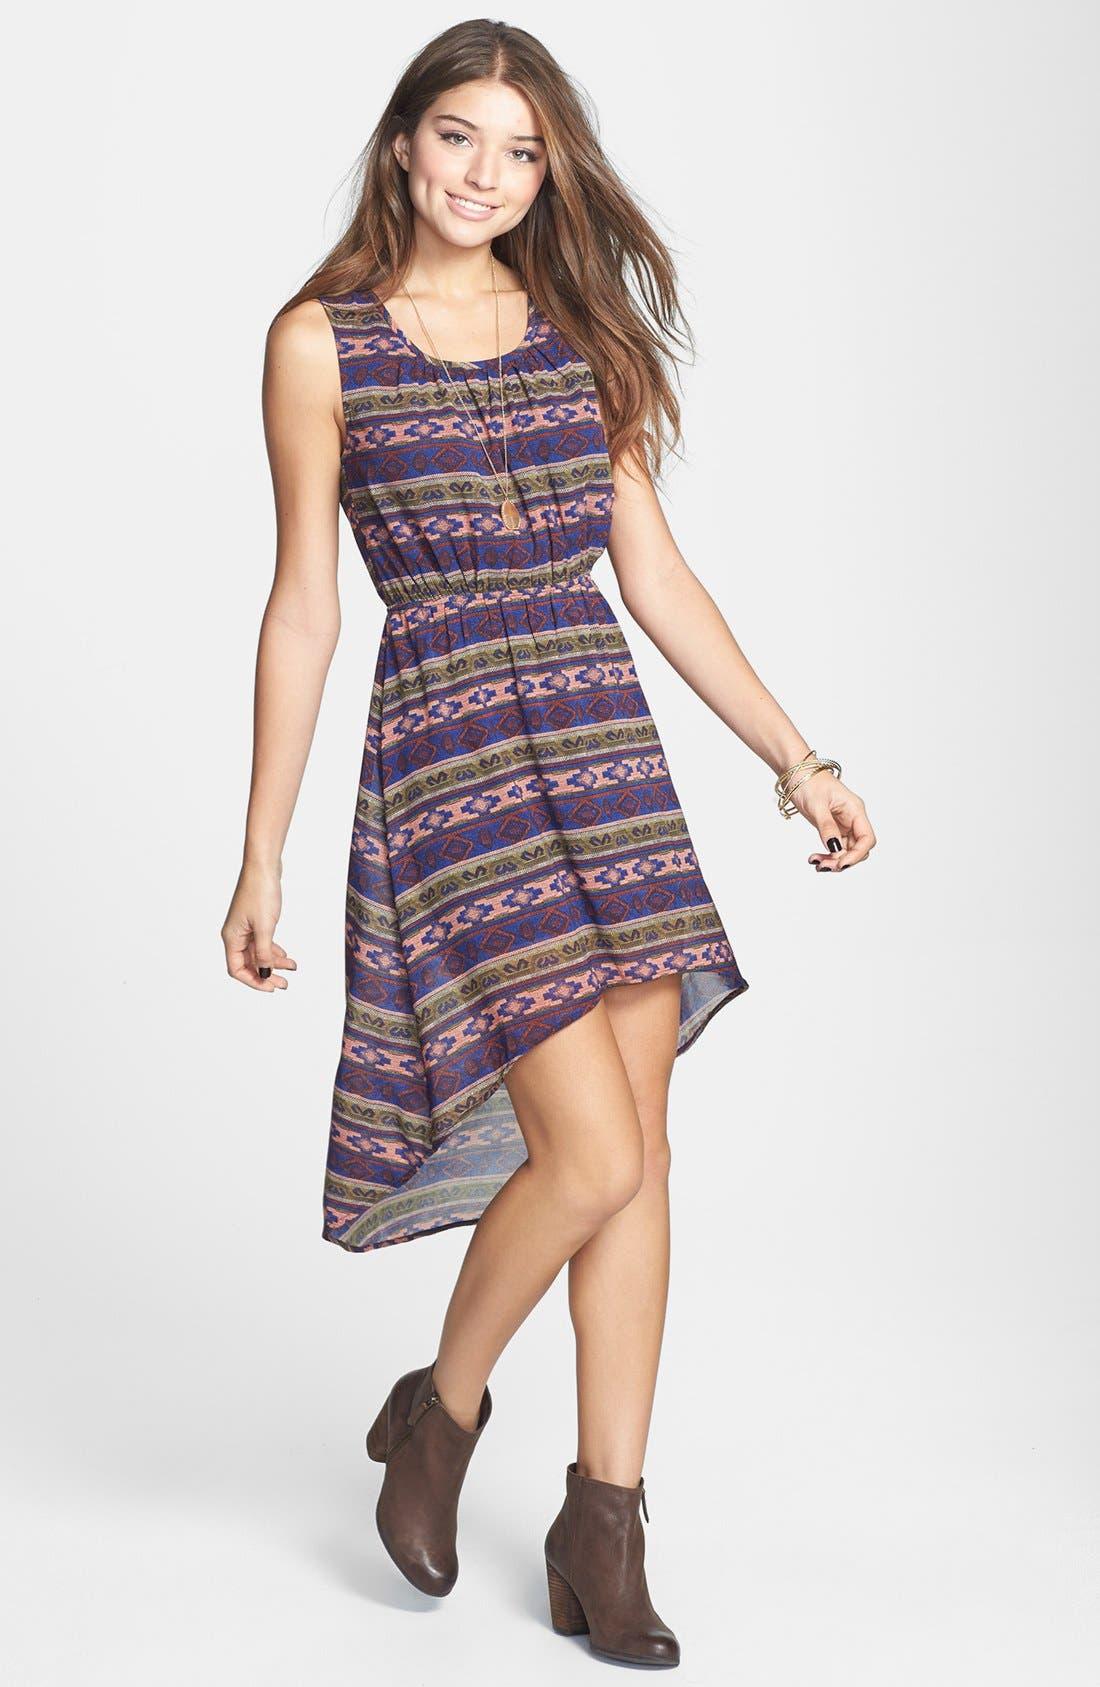 Alternate Image 1 Selected - Blu Pepper Print High/Low Blouson Dress (Juniors)